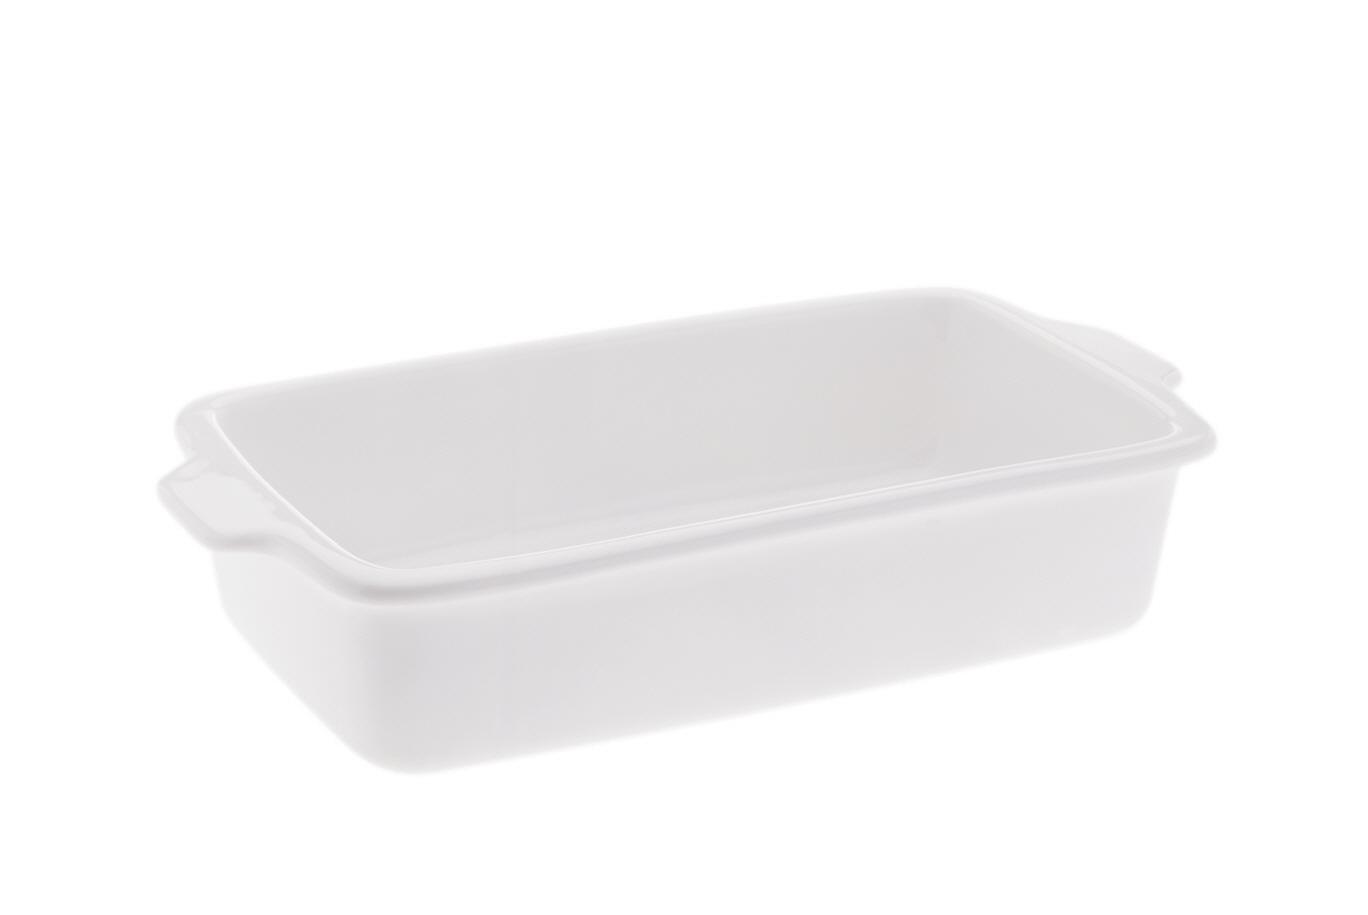 Tava White Basics Alb, Portelan, l32 cm